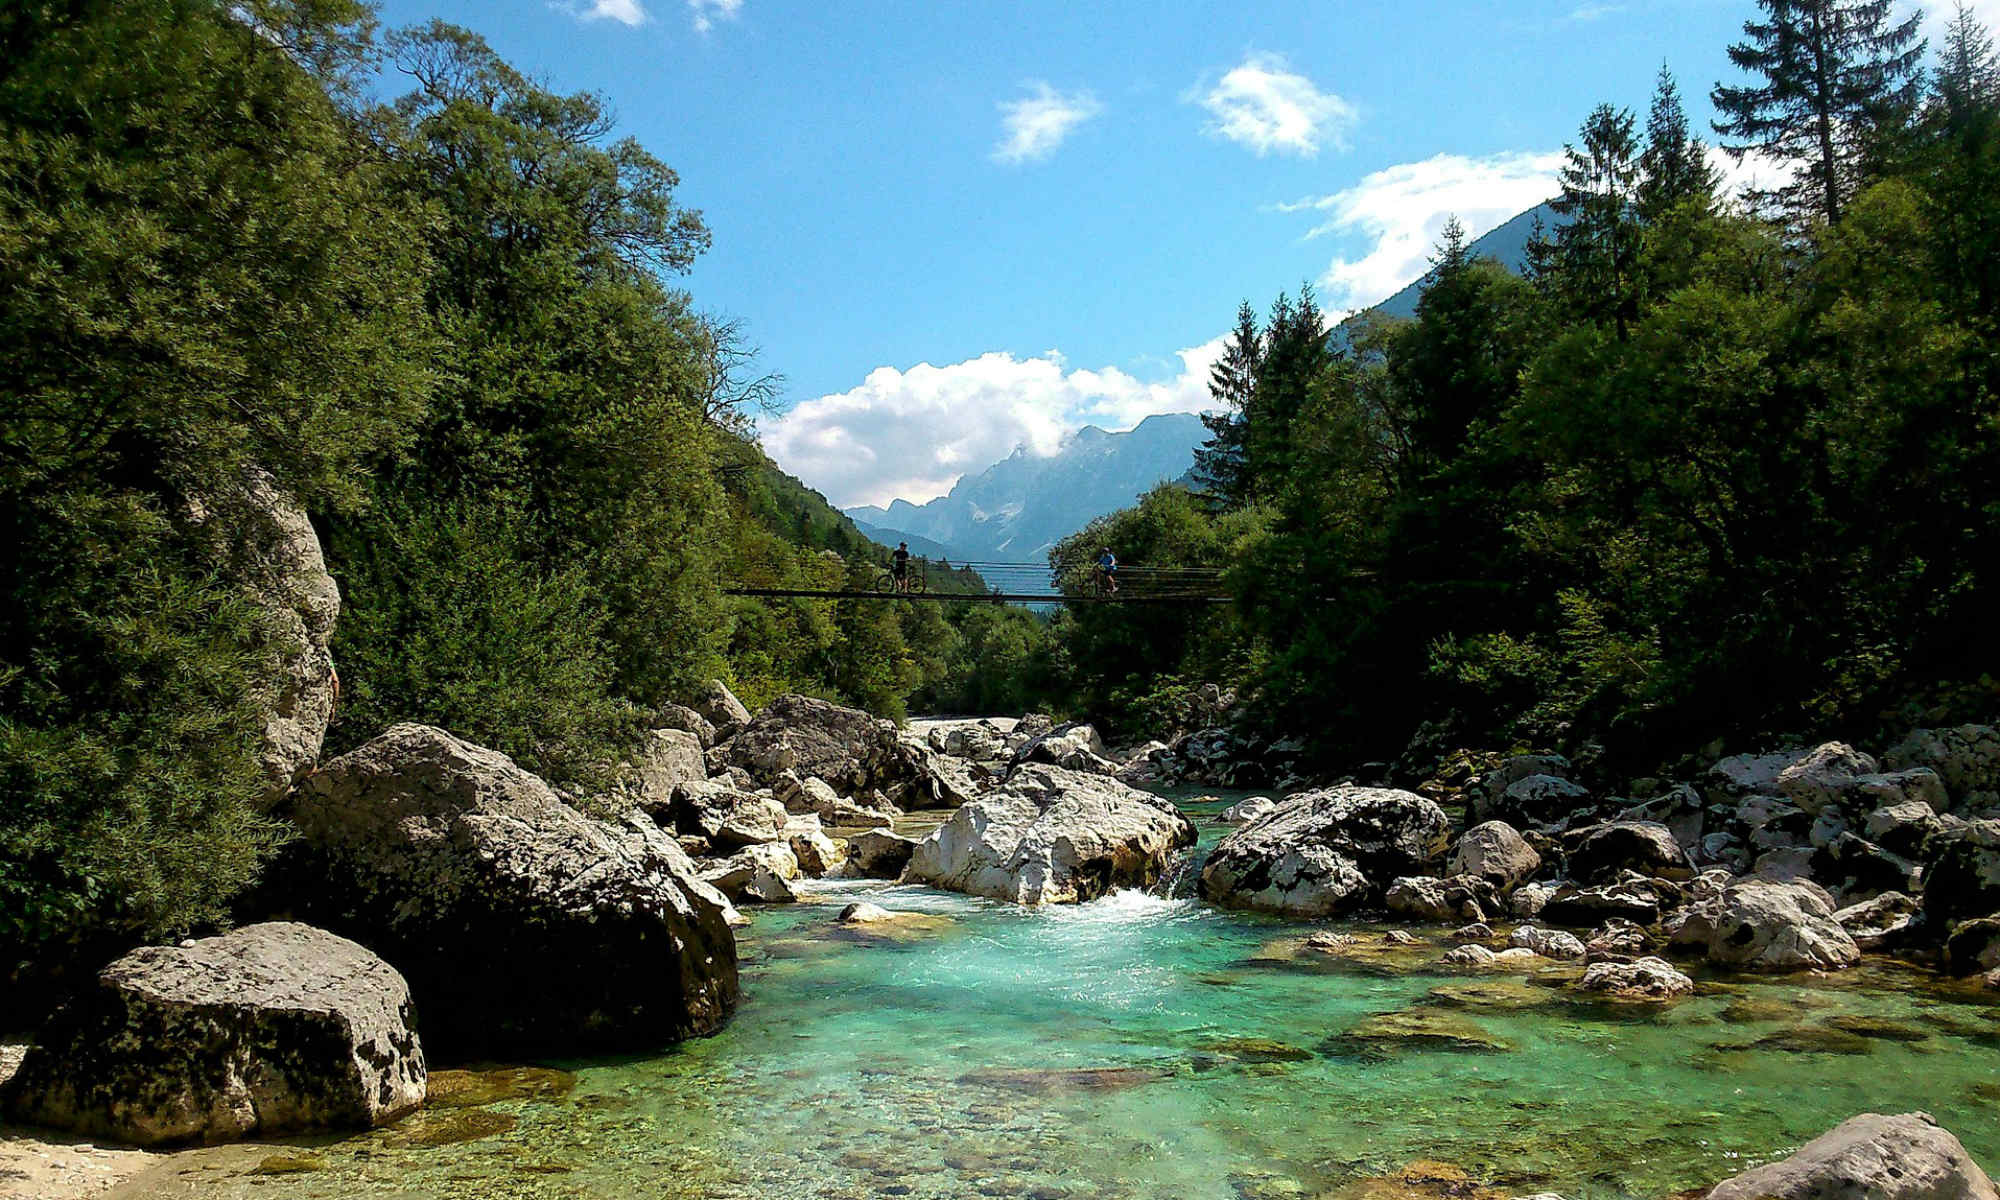 Il panorama molto verde della Slovenia si alterna nella foto con i massi e il fiume Isonzo.